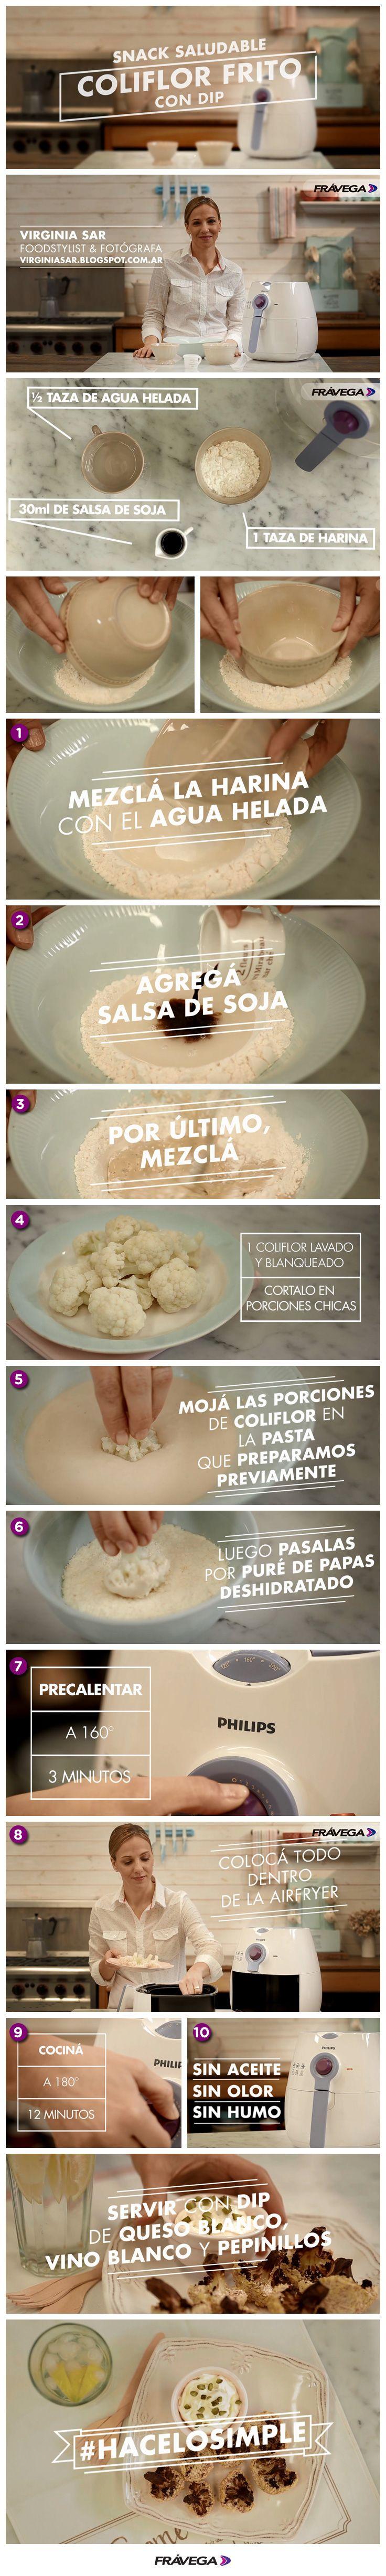 ¡Para cualquier ocasión! Virginia Sar te enseña cómo hacer coliflor frito con dip. #HaceloSimple con Frávega